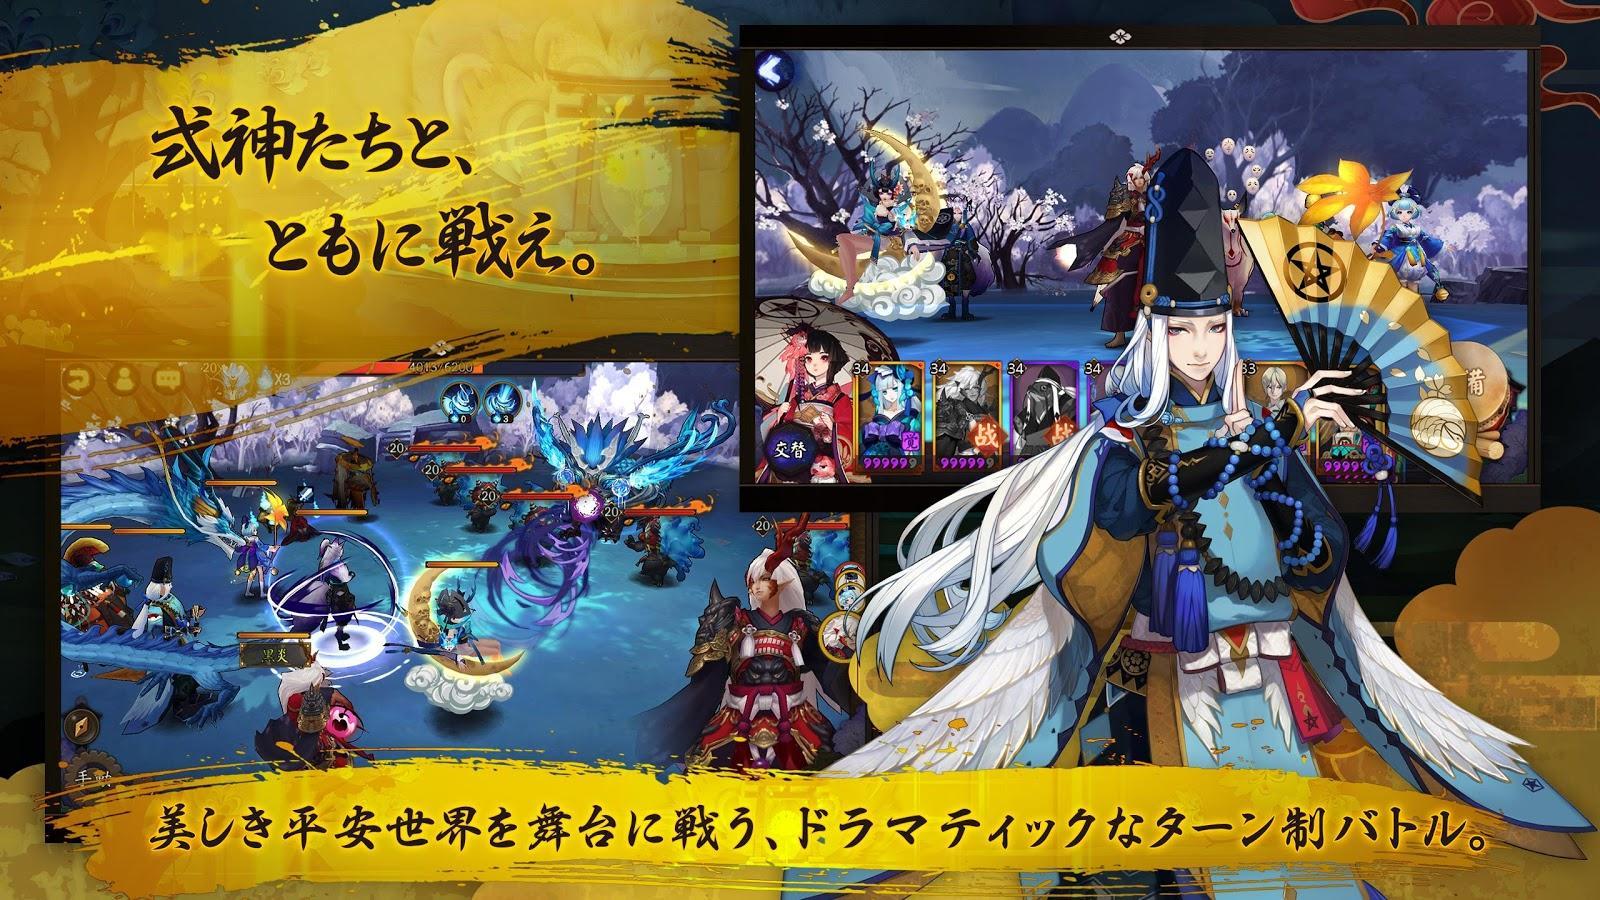 inyoushi3.jpg